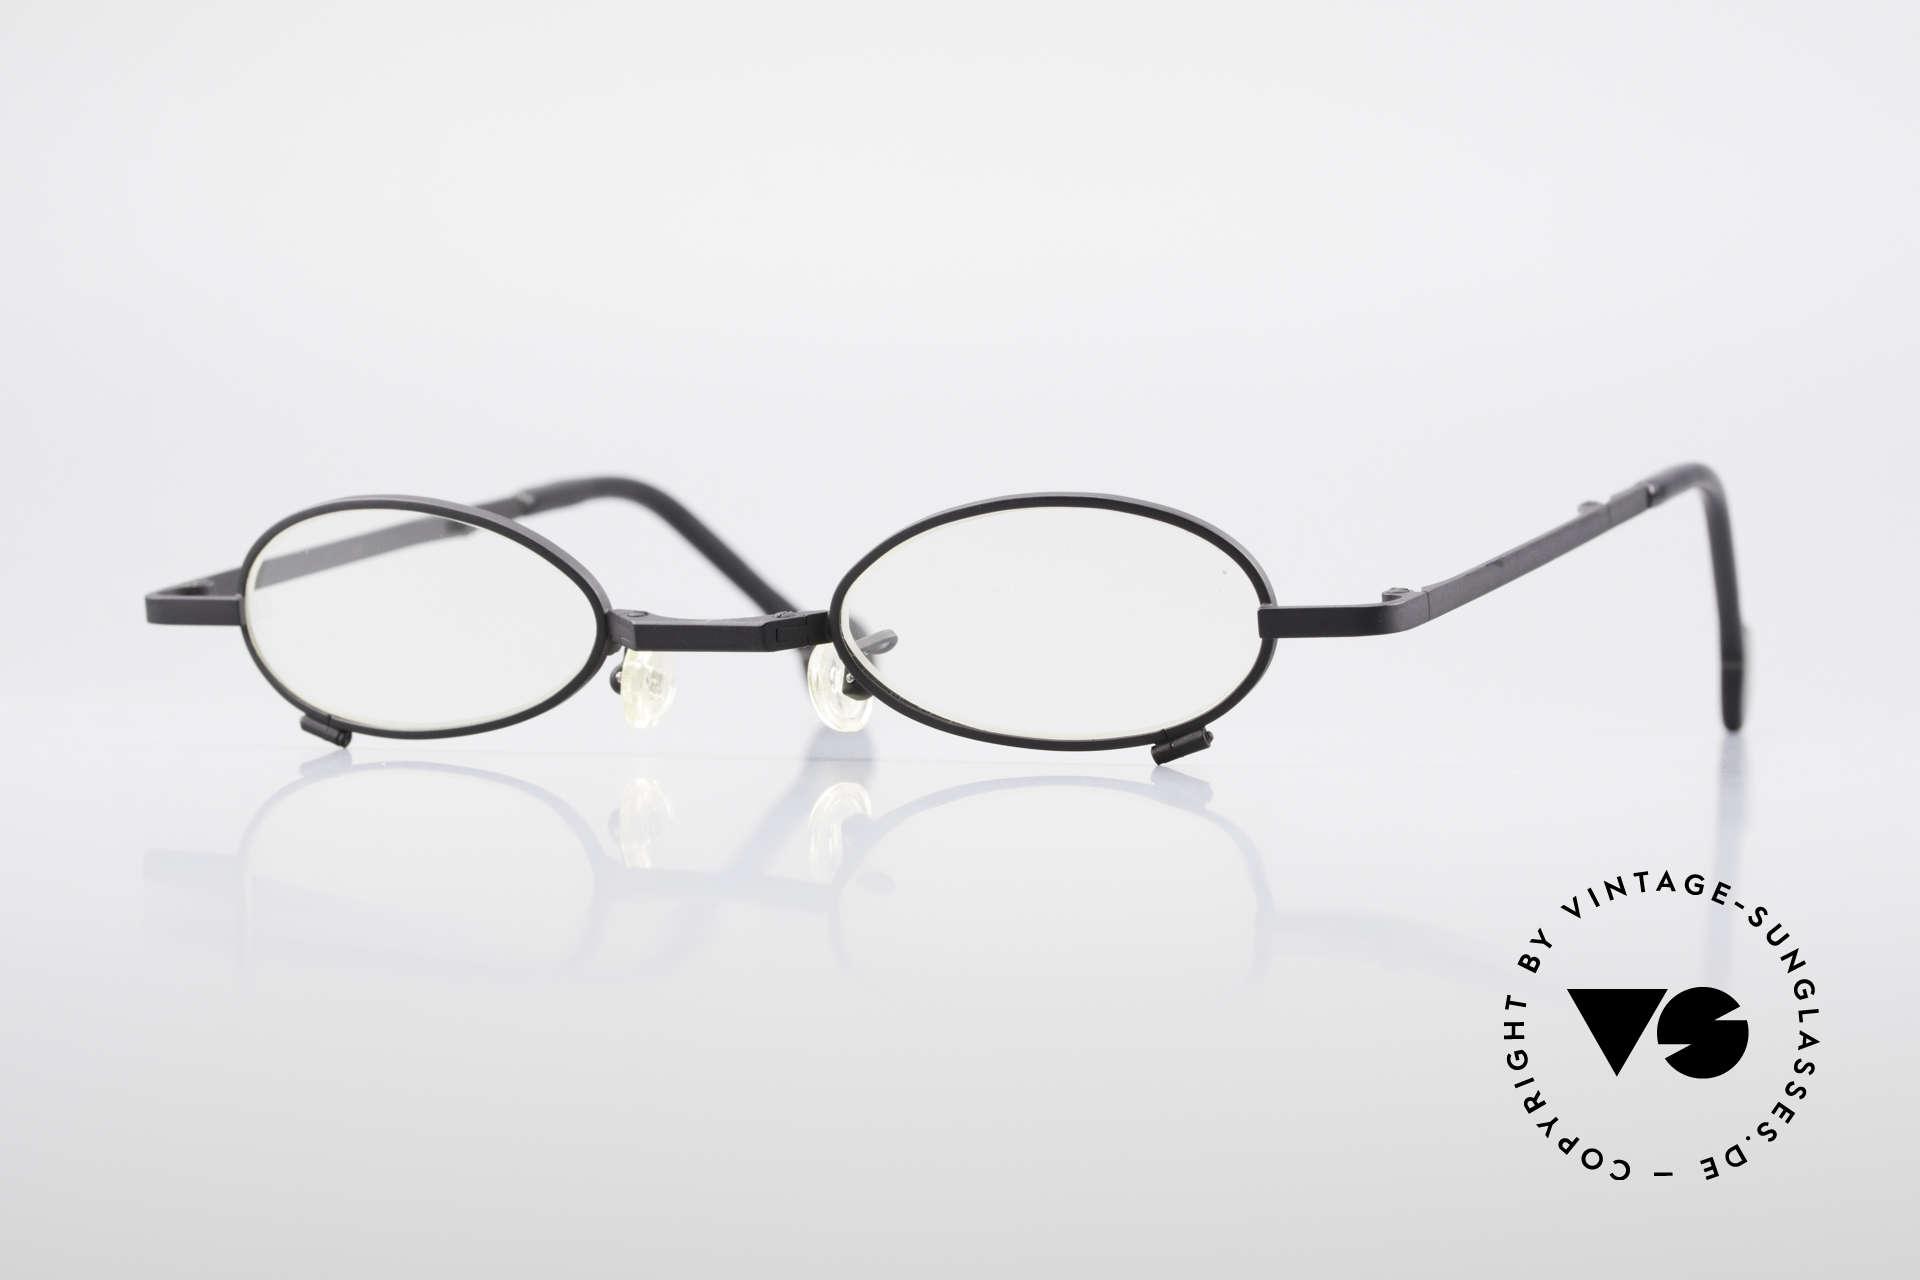 L.A. Eyeworks TIO 412 Brille zum Falten Faltbrille, L.A. EYEWORKS: Kleinstserien aparter Brillenmodelle, Passend für Herren und Damen